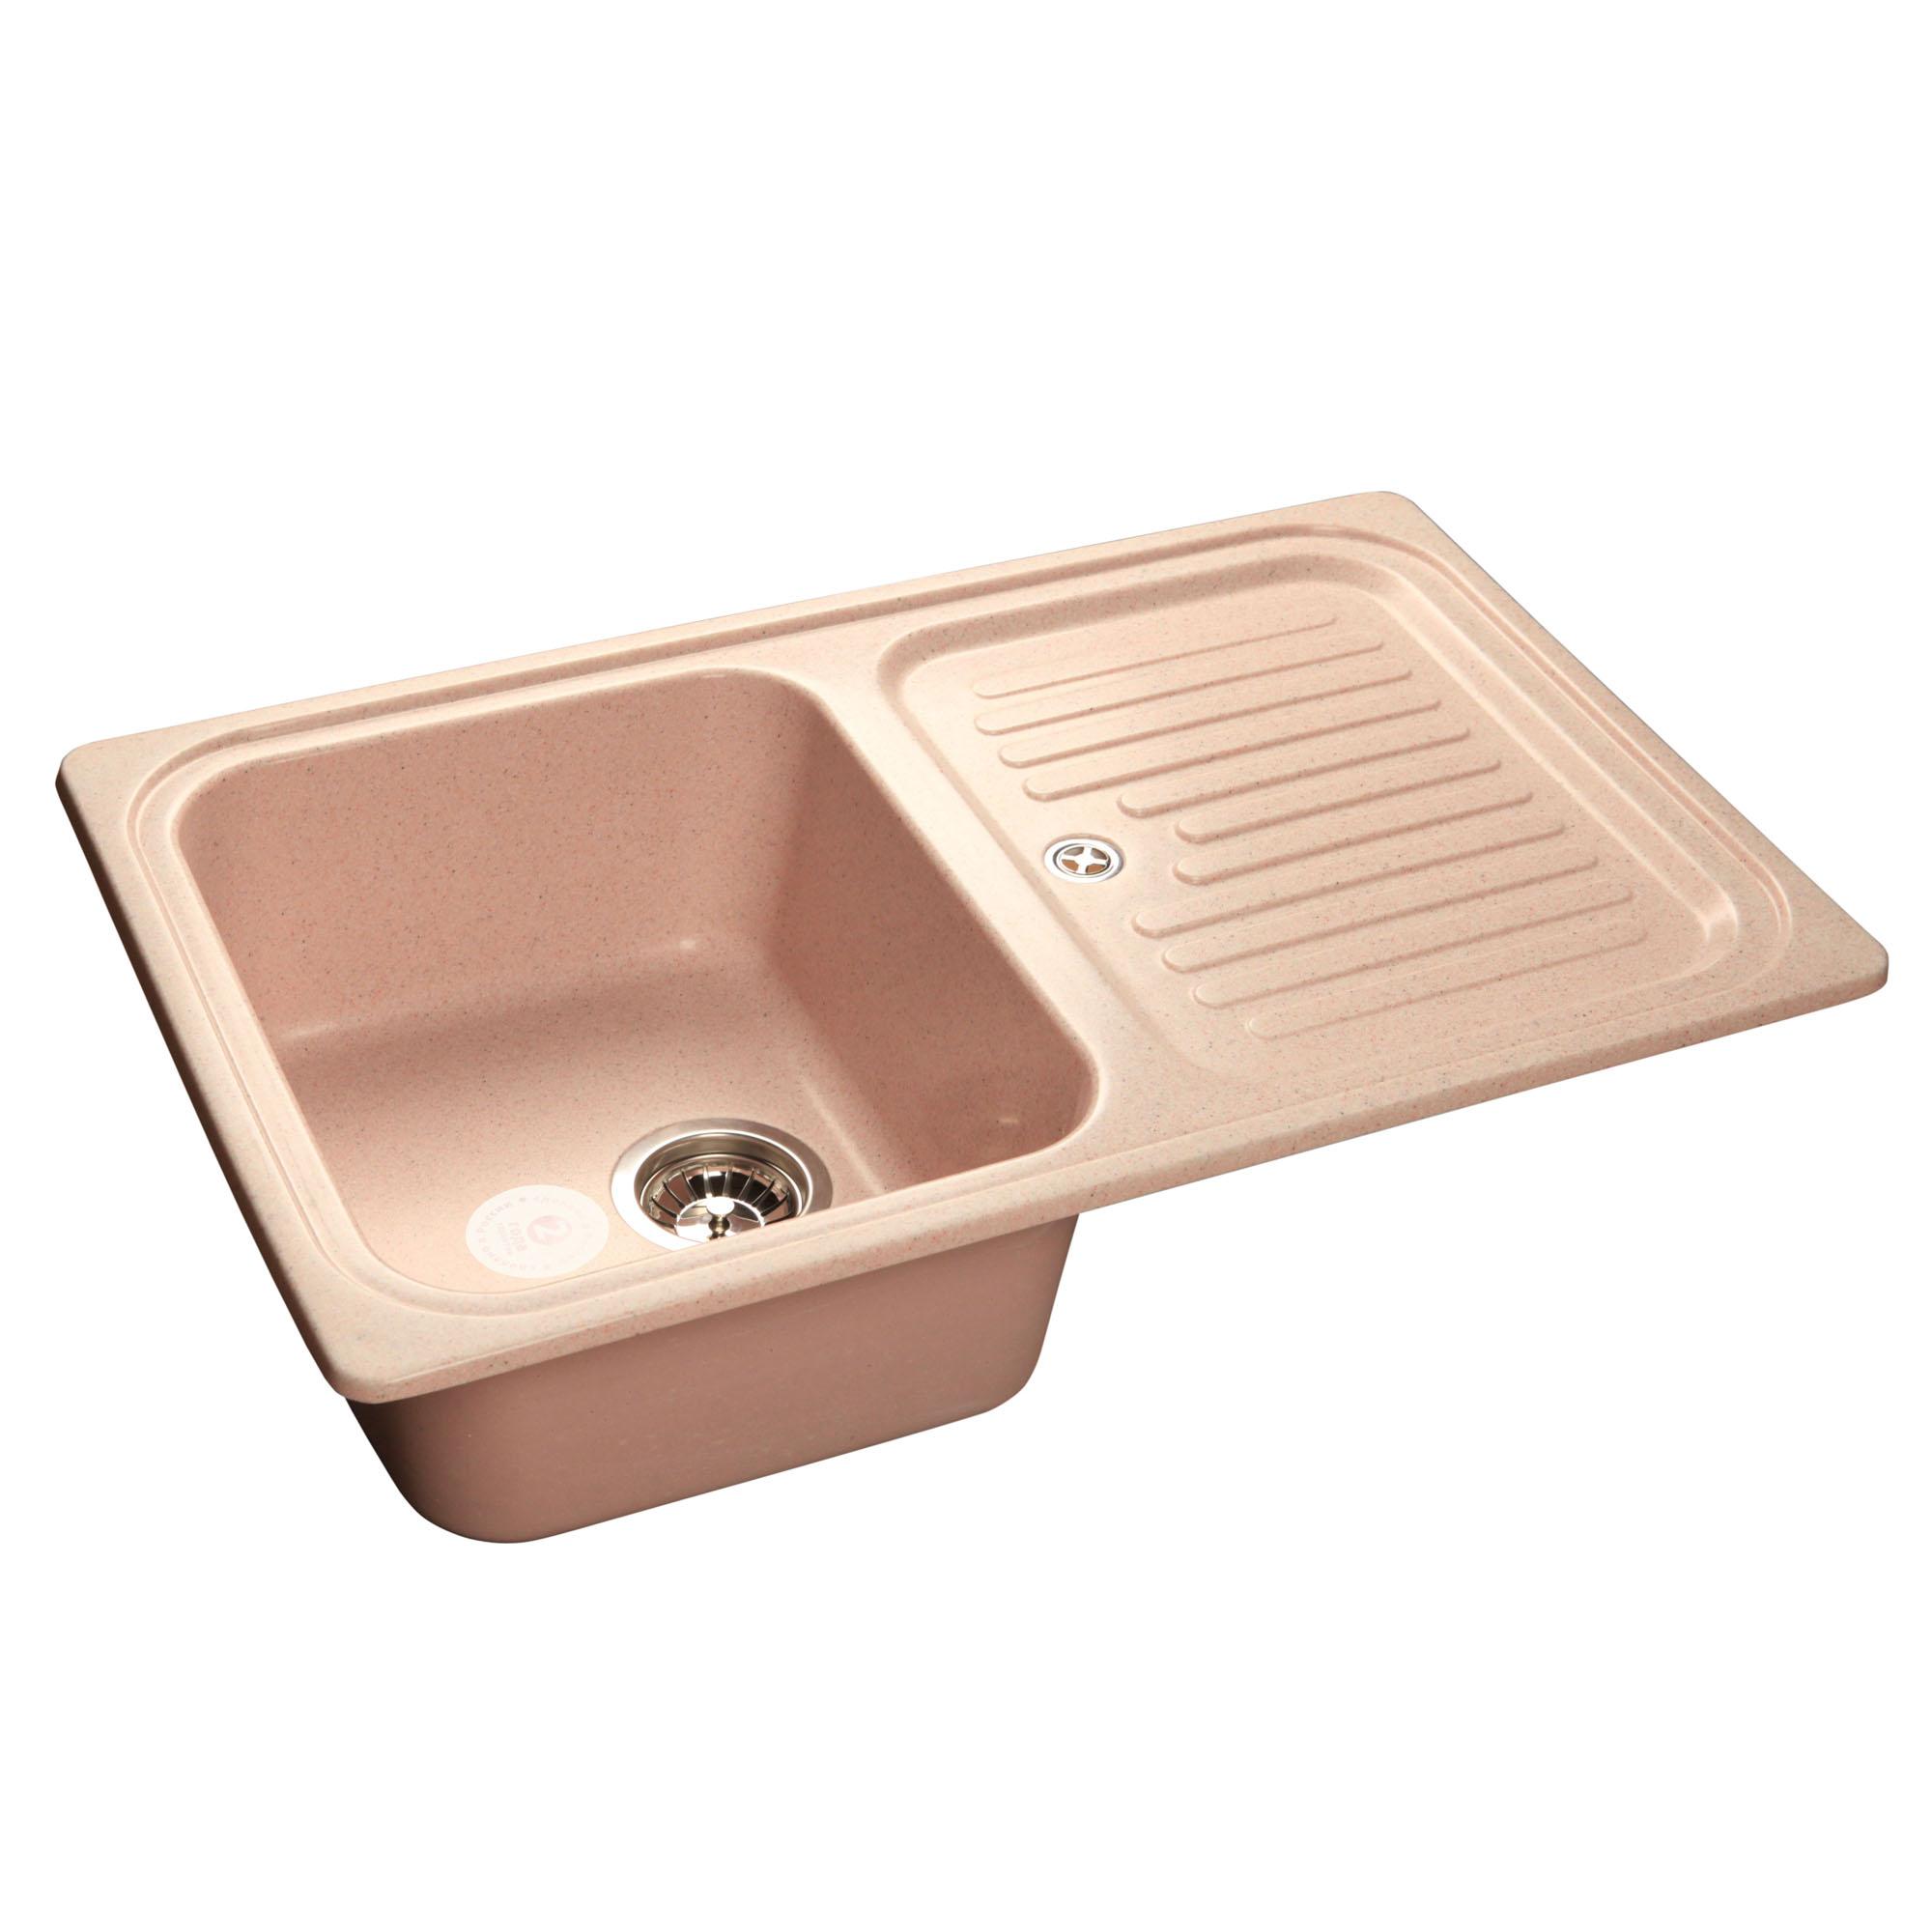 Кухонная мойка GranFest Standart GF-S780L светло-розовый мойка кухонная granfest gf s780l песок чаша крыло